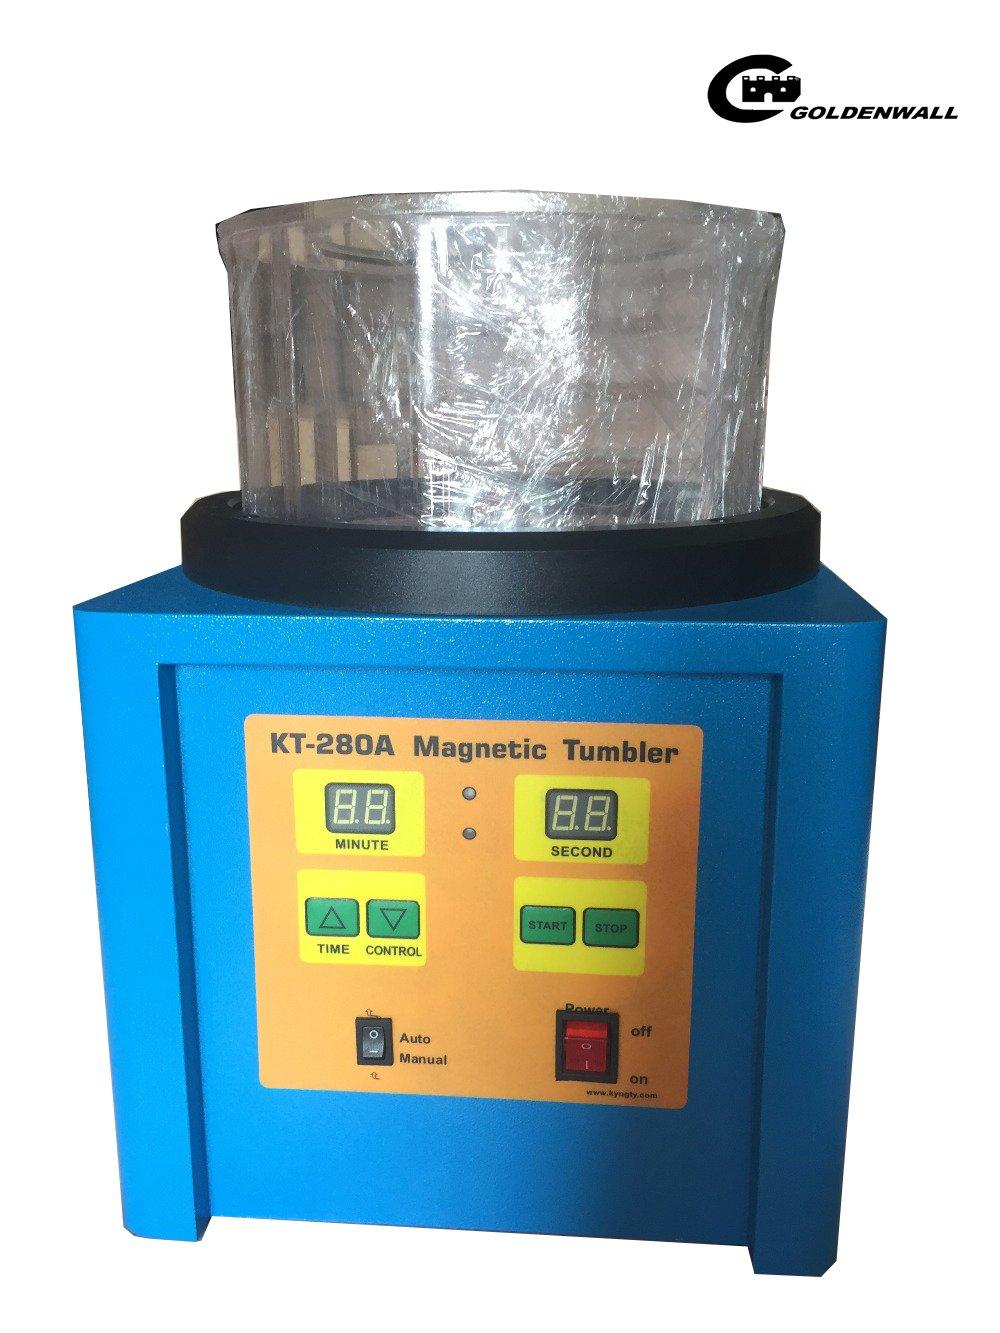 CGOLDENWALL 磁気バレル研磨機 タイマー付 正反転可能な高速強磁気ポリッシャー バリ除去 金属磨き シルバー磨き 銀磨き ジュエリー工具 【一年保証期間】 (110V) B078V6PFV1110V